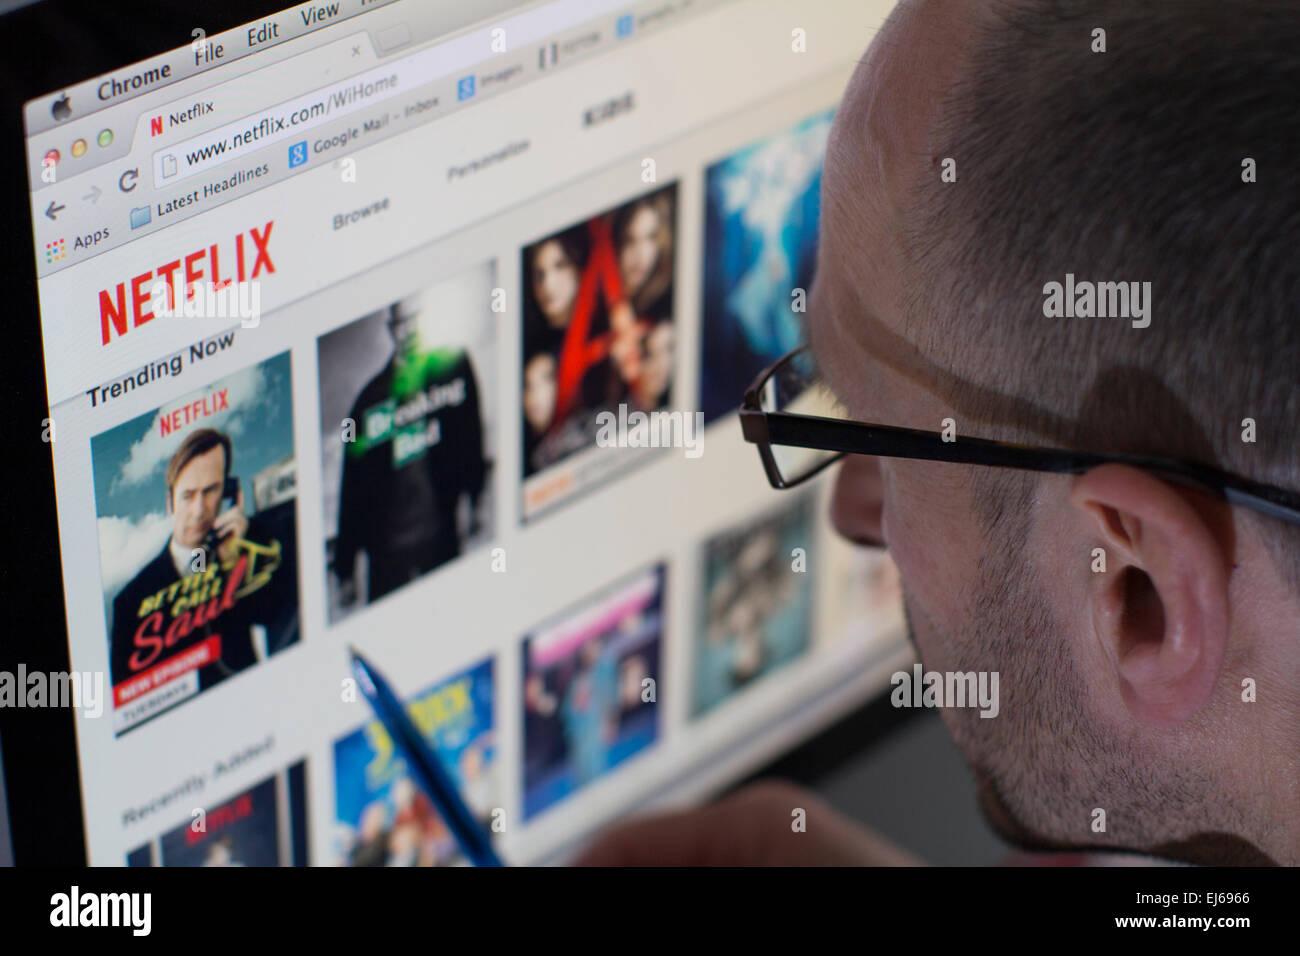 Hombres buscando en el sitio web de Netflix servicio streaming de televisión Imagen De Stock